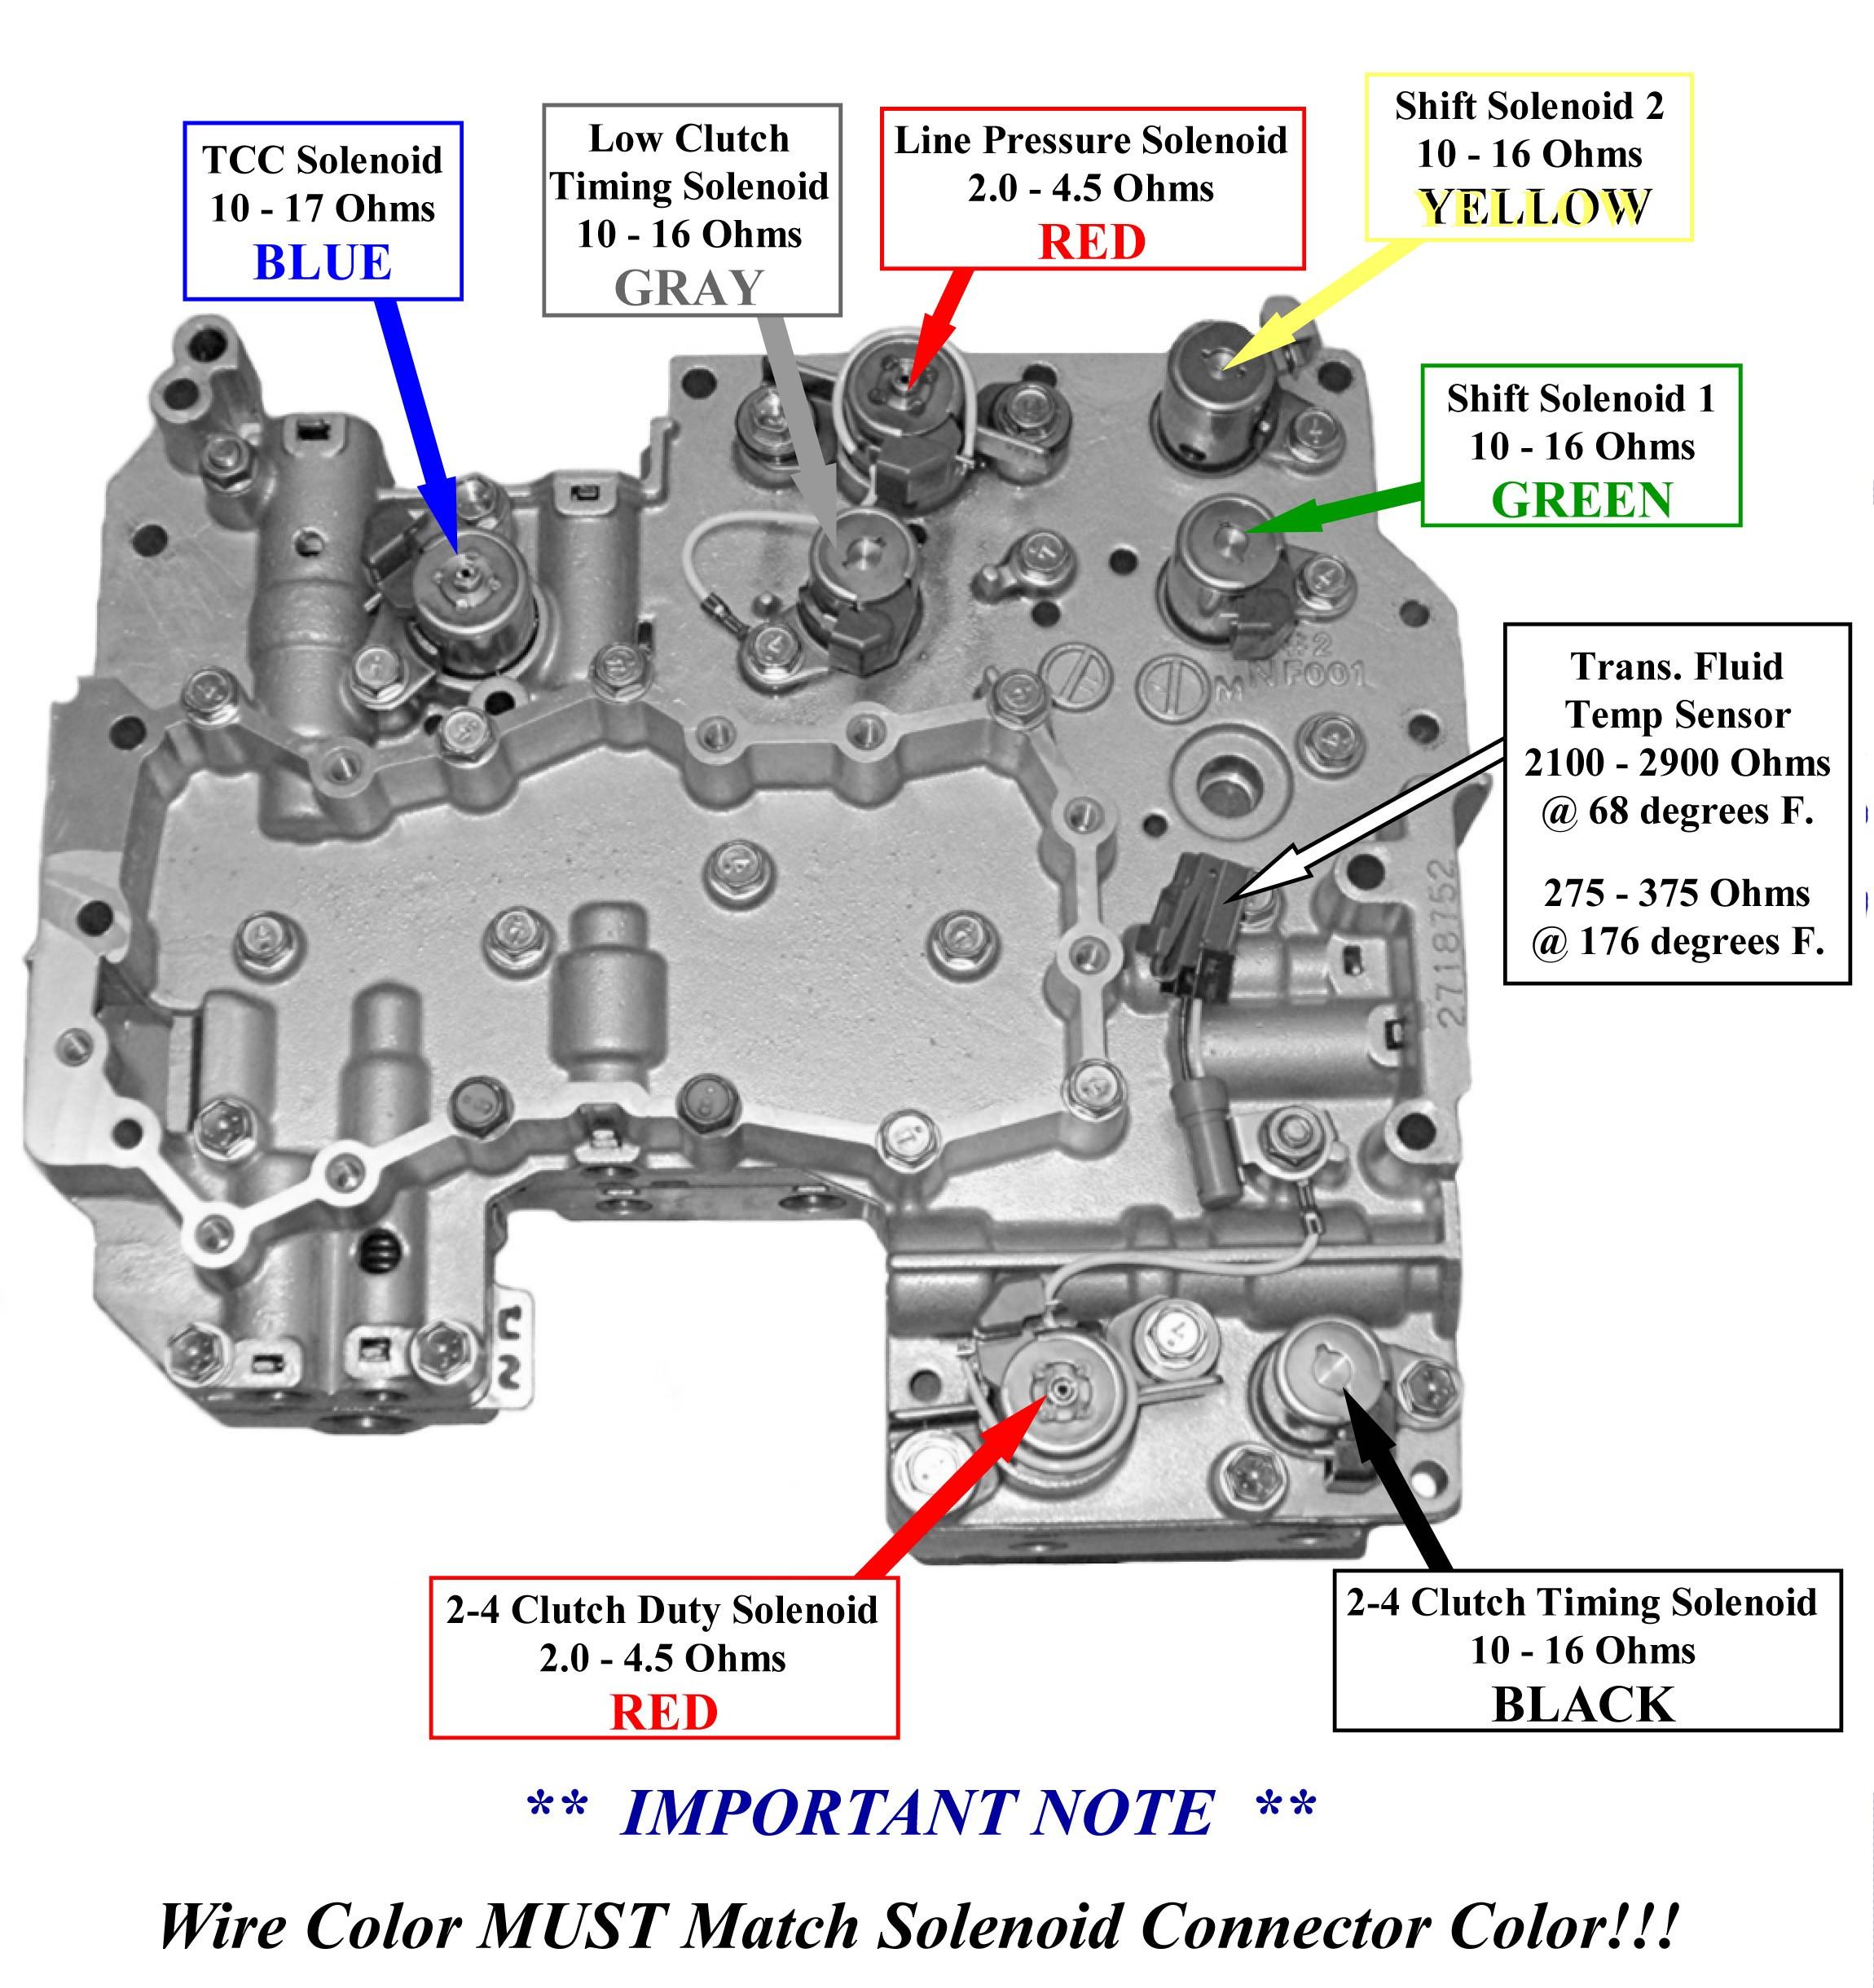 2000 Chevy Impala 3 4 Engine Diagram 4l30e Pump Diagram Wiring Diagram Of 2000 Chevy Impala 3 4 Engine Diagram